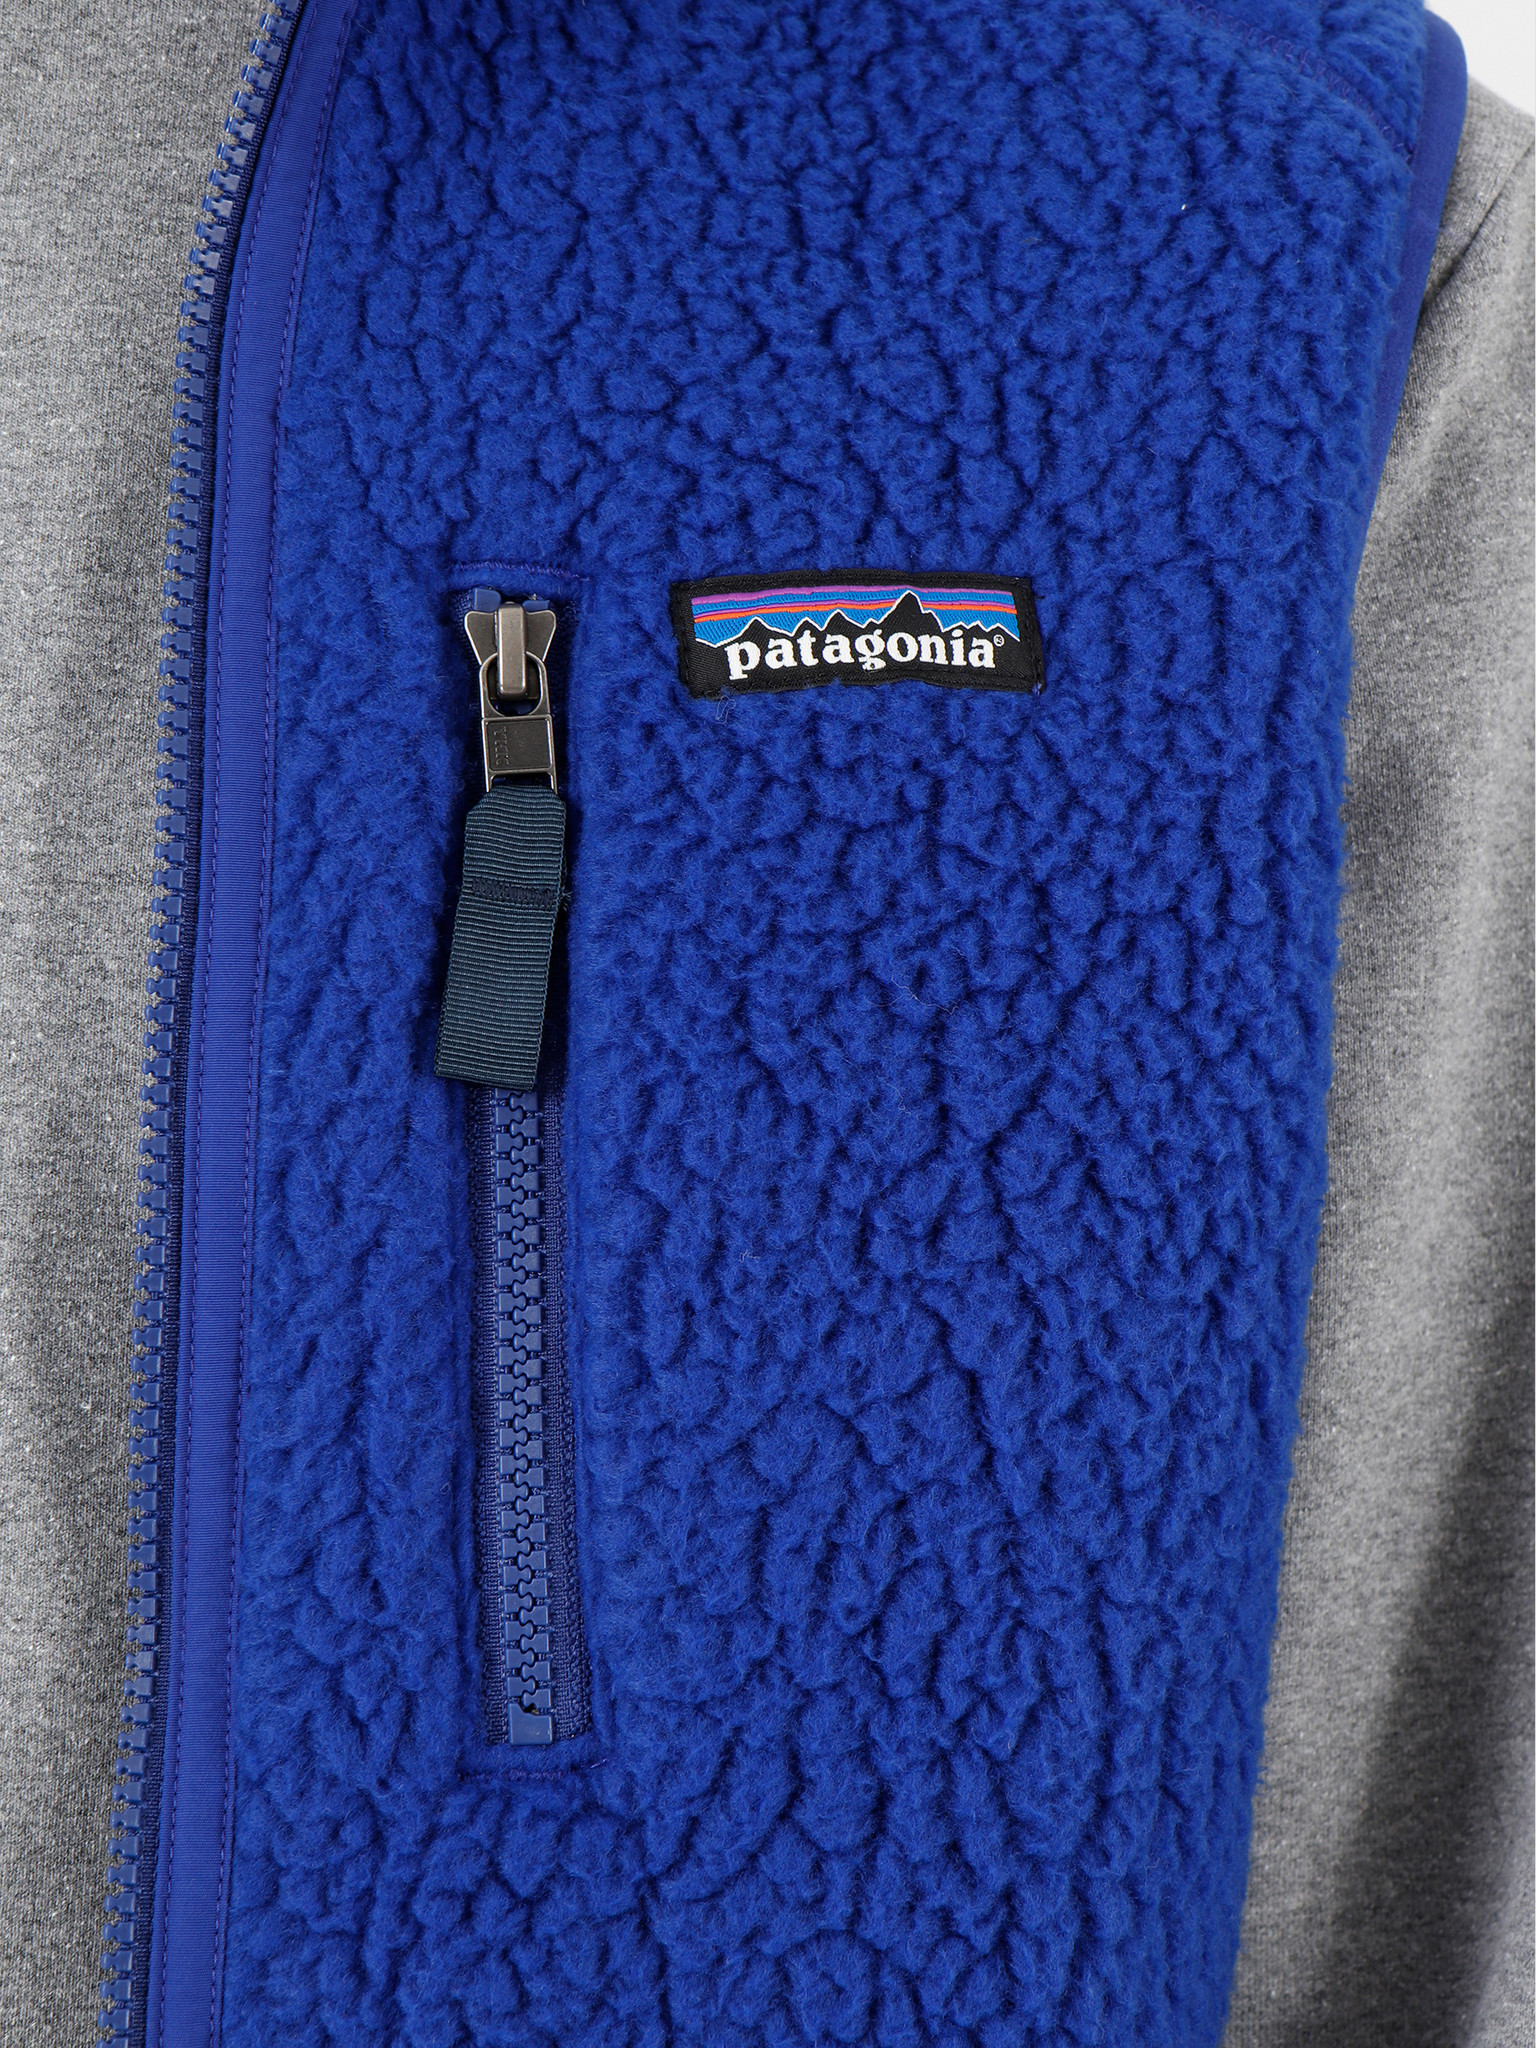 Patagonia Patagonia Retro Pile Vest Cobalt Blue 22821